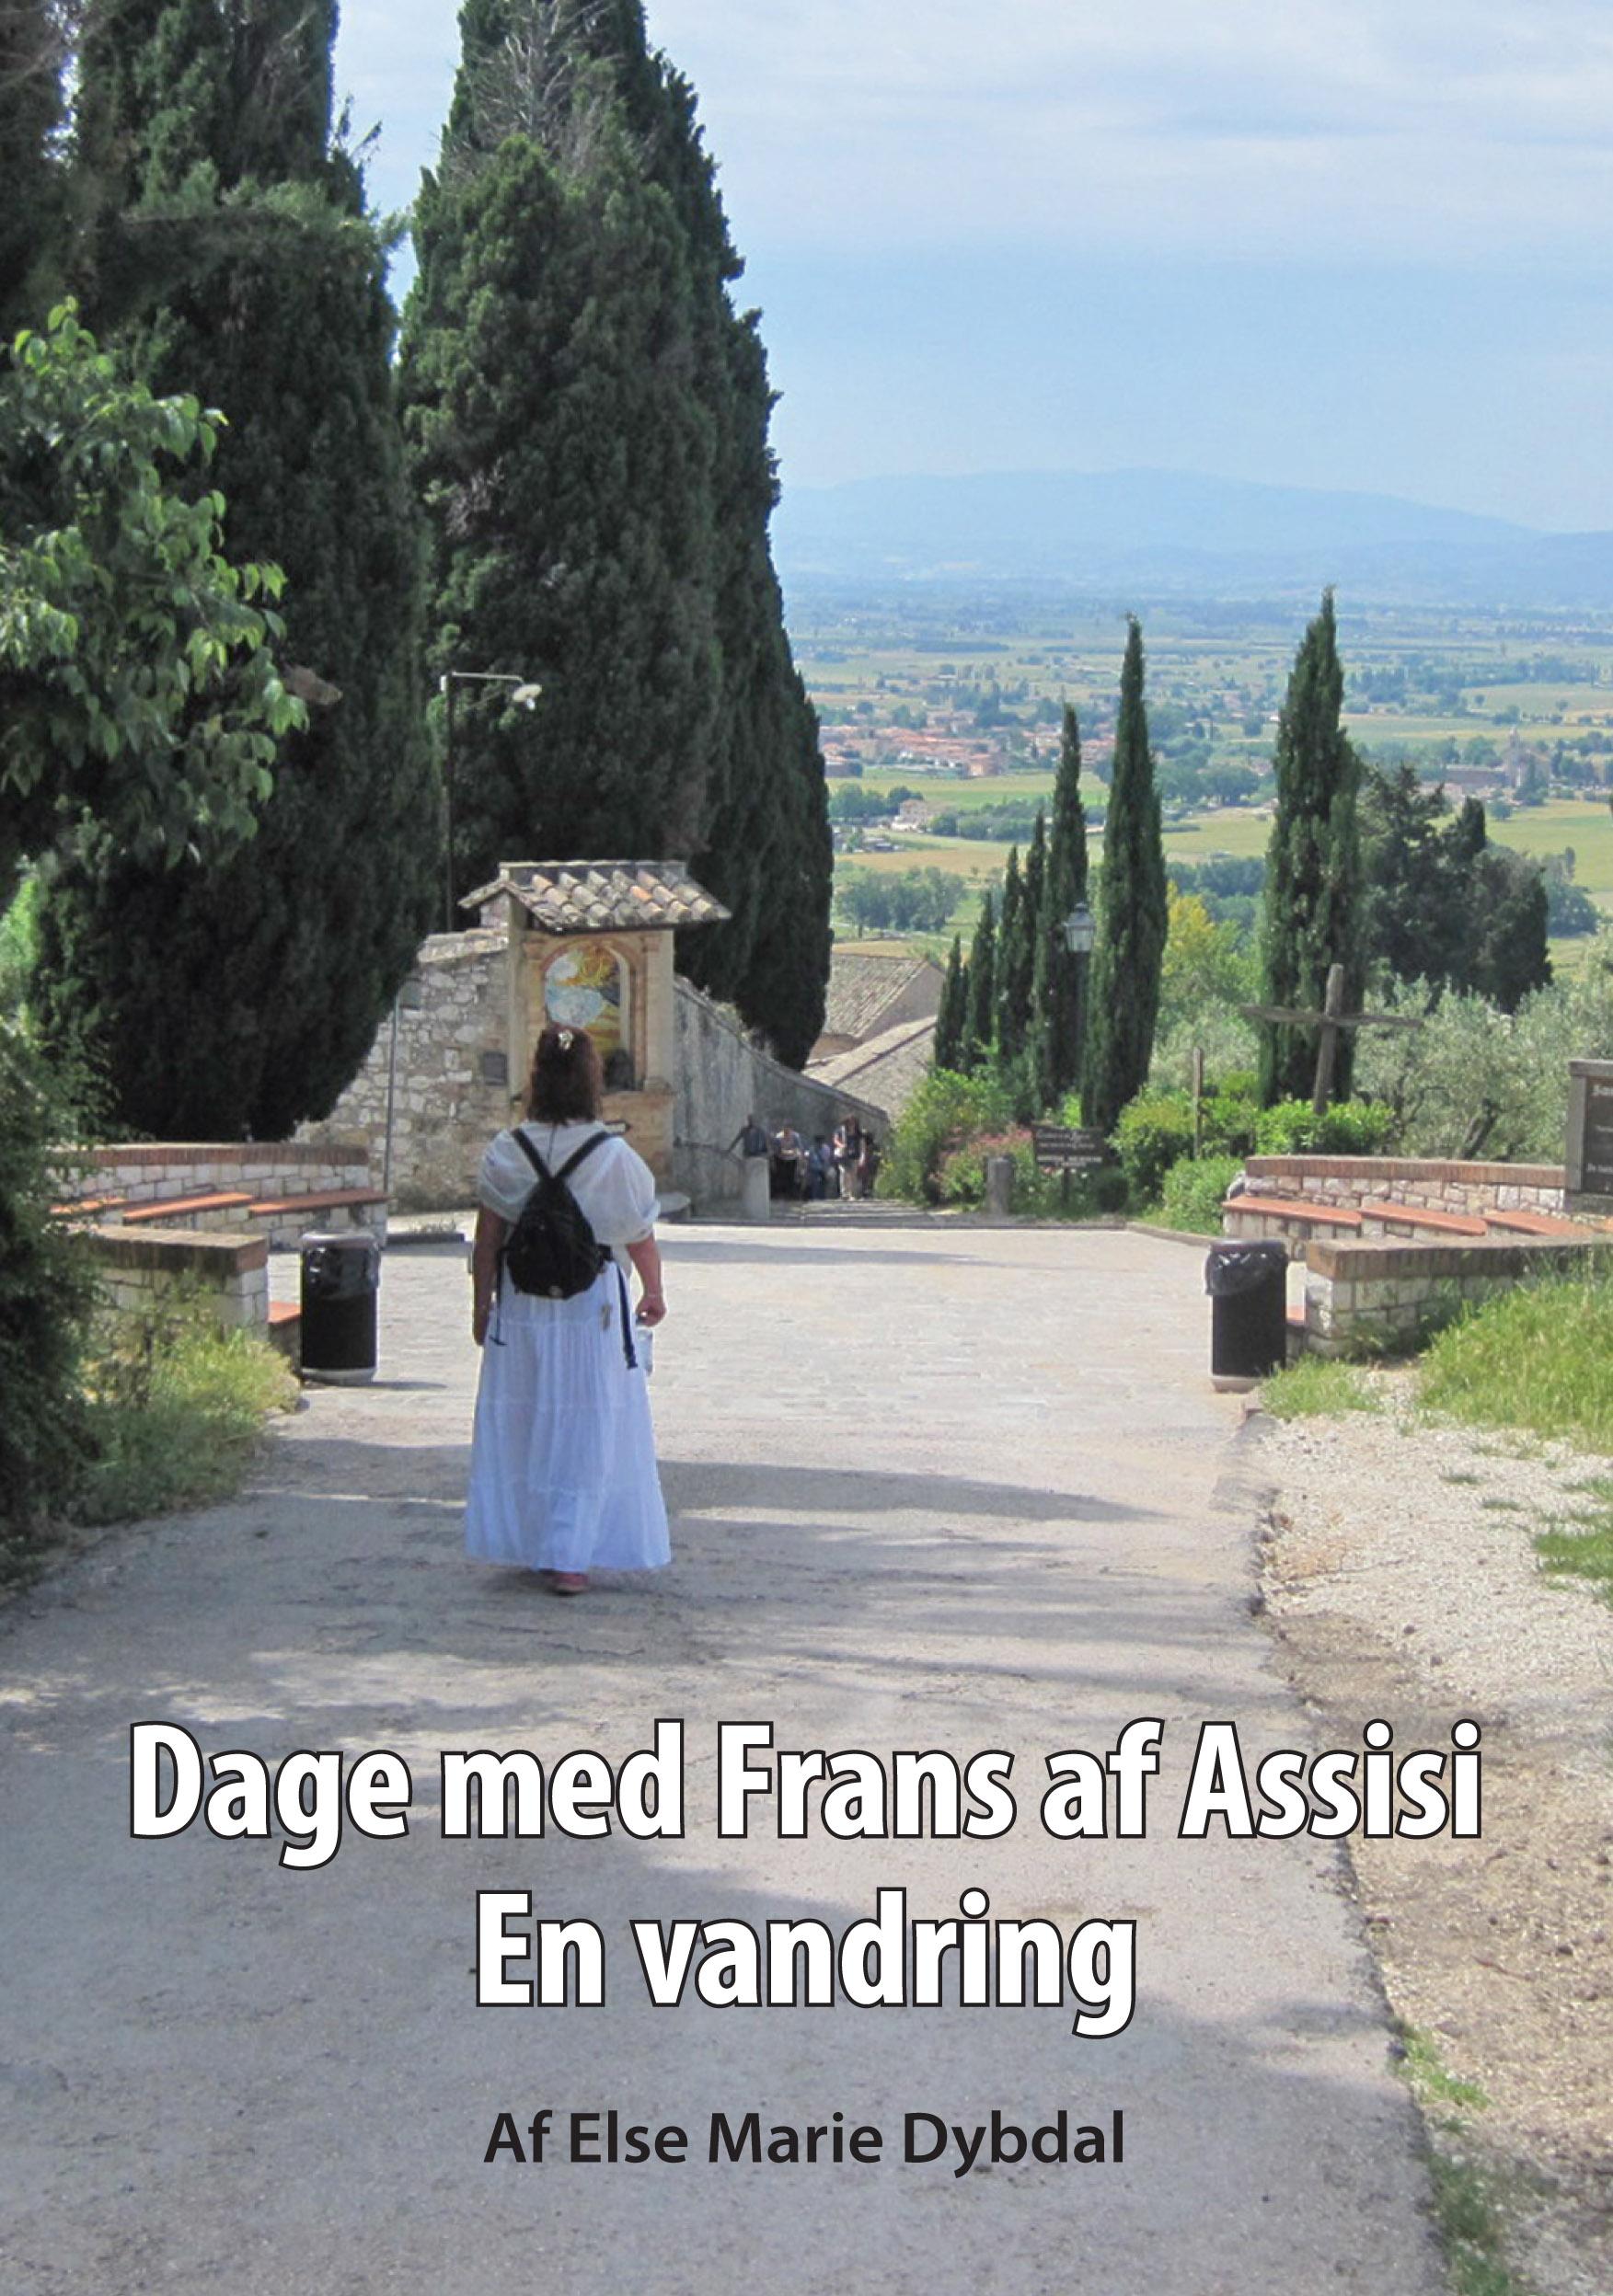 Dage med Frans af Assisi